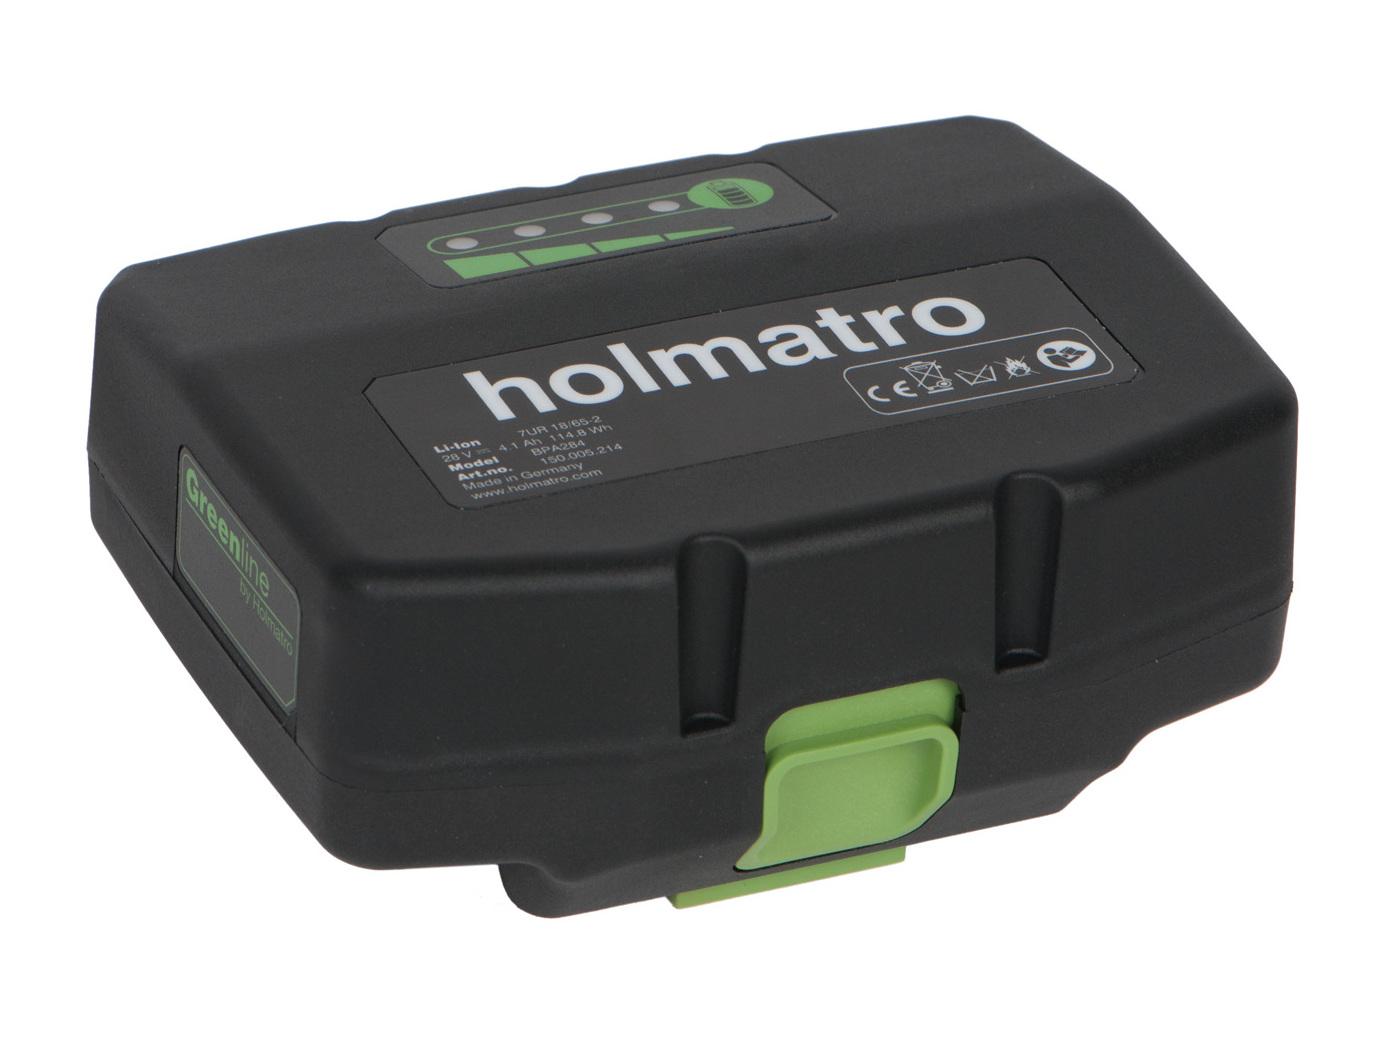 Holmatro BPA litúm hleðslurafhlaða